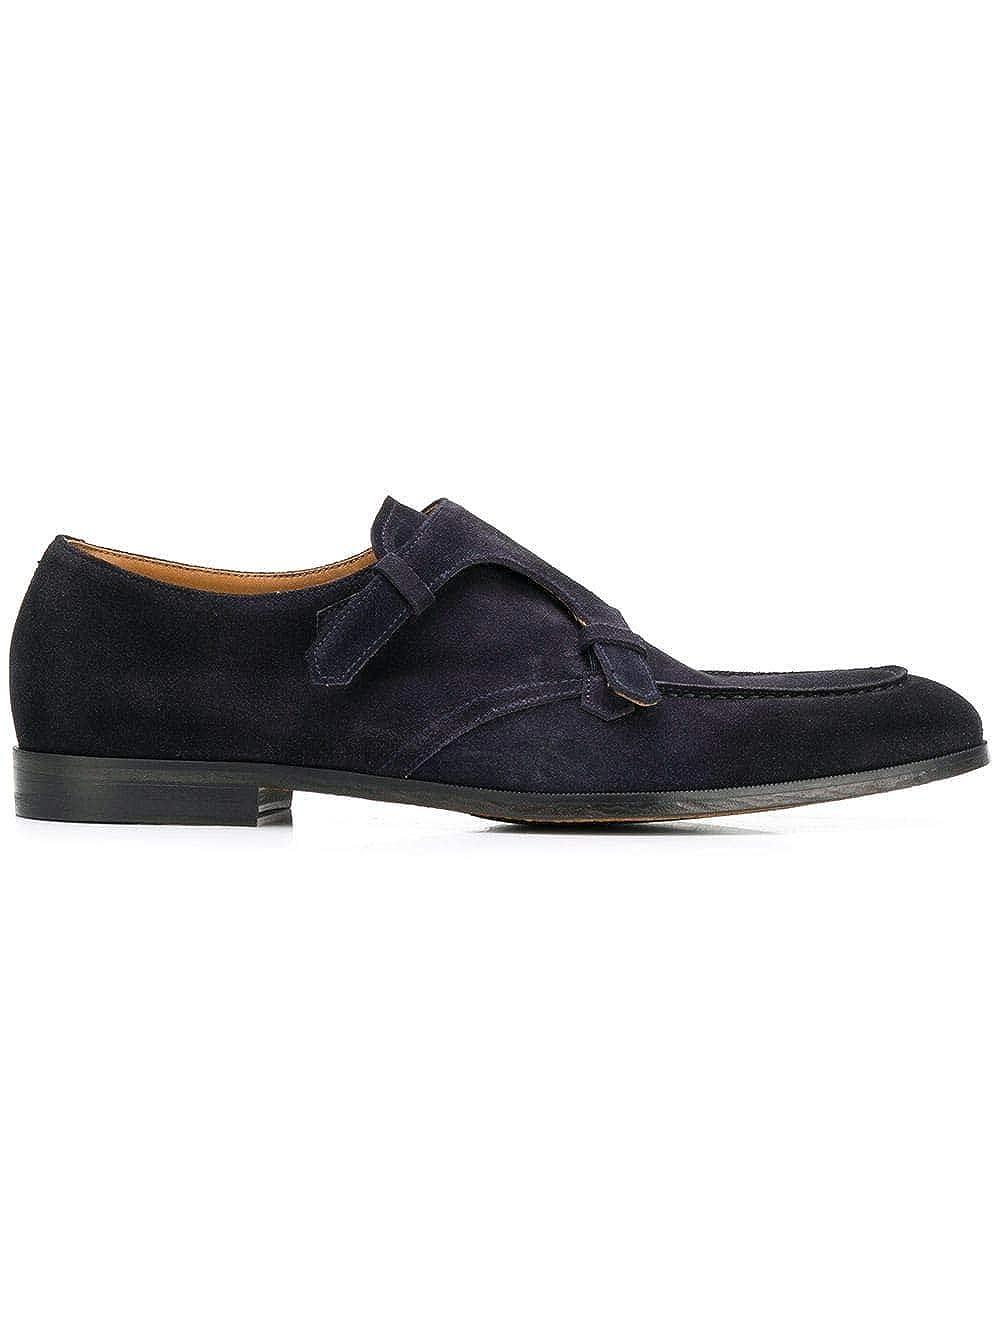 - DOUCAL'S Herren DU1940DEREUZ067NB00 Blau Wildleder Monk-Schuhe